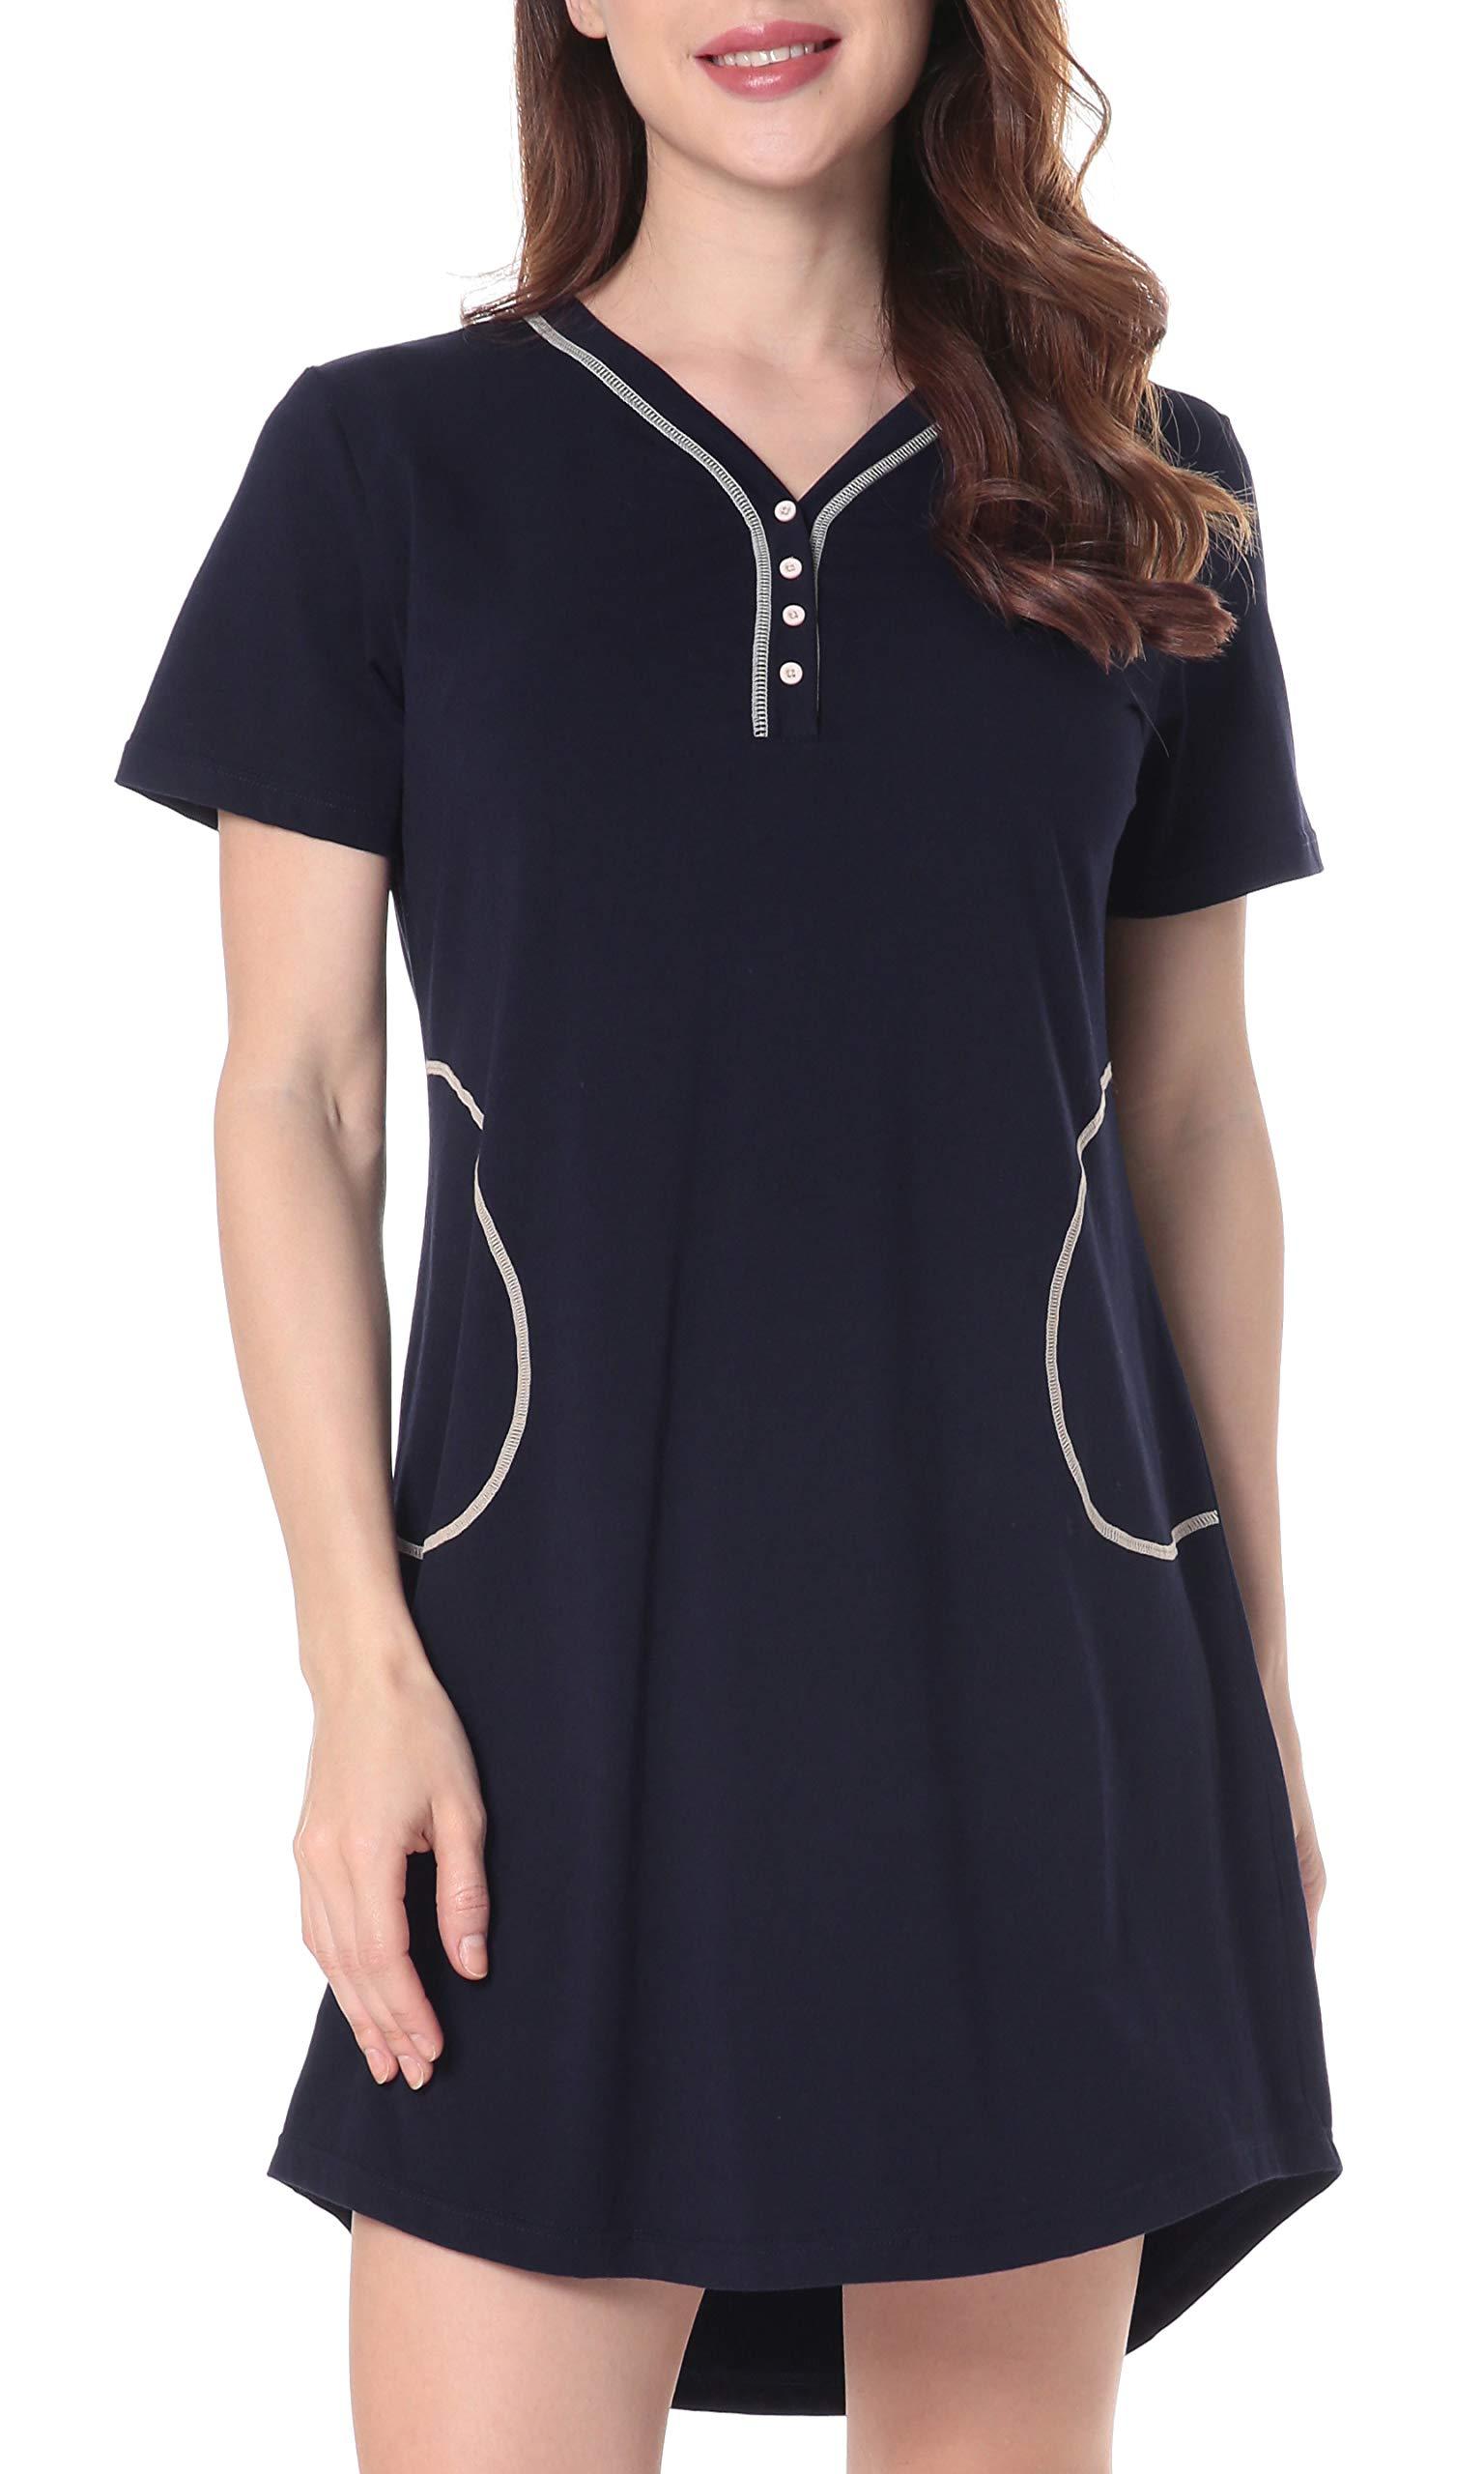 N NORA TWIPS Women's Cotton Nightgown V Neck Nightshirt Short Sleeve Sleepwear